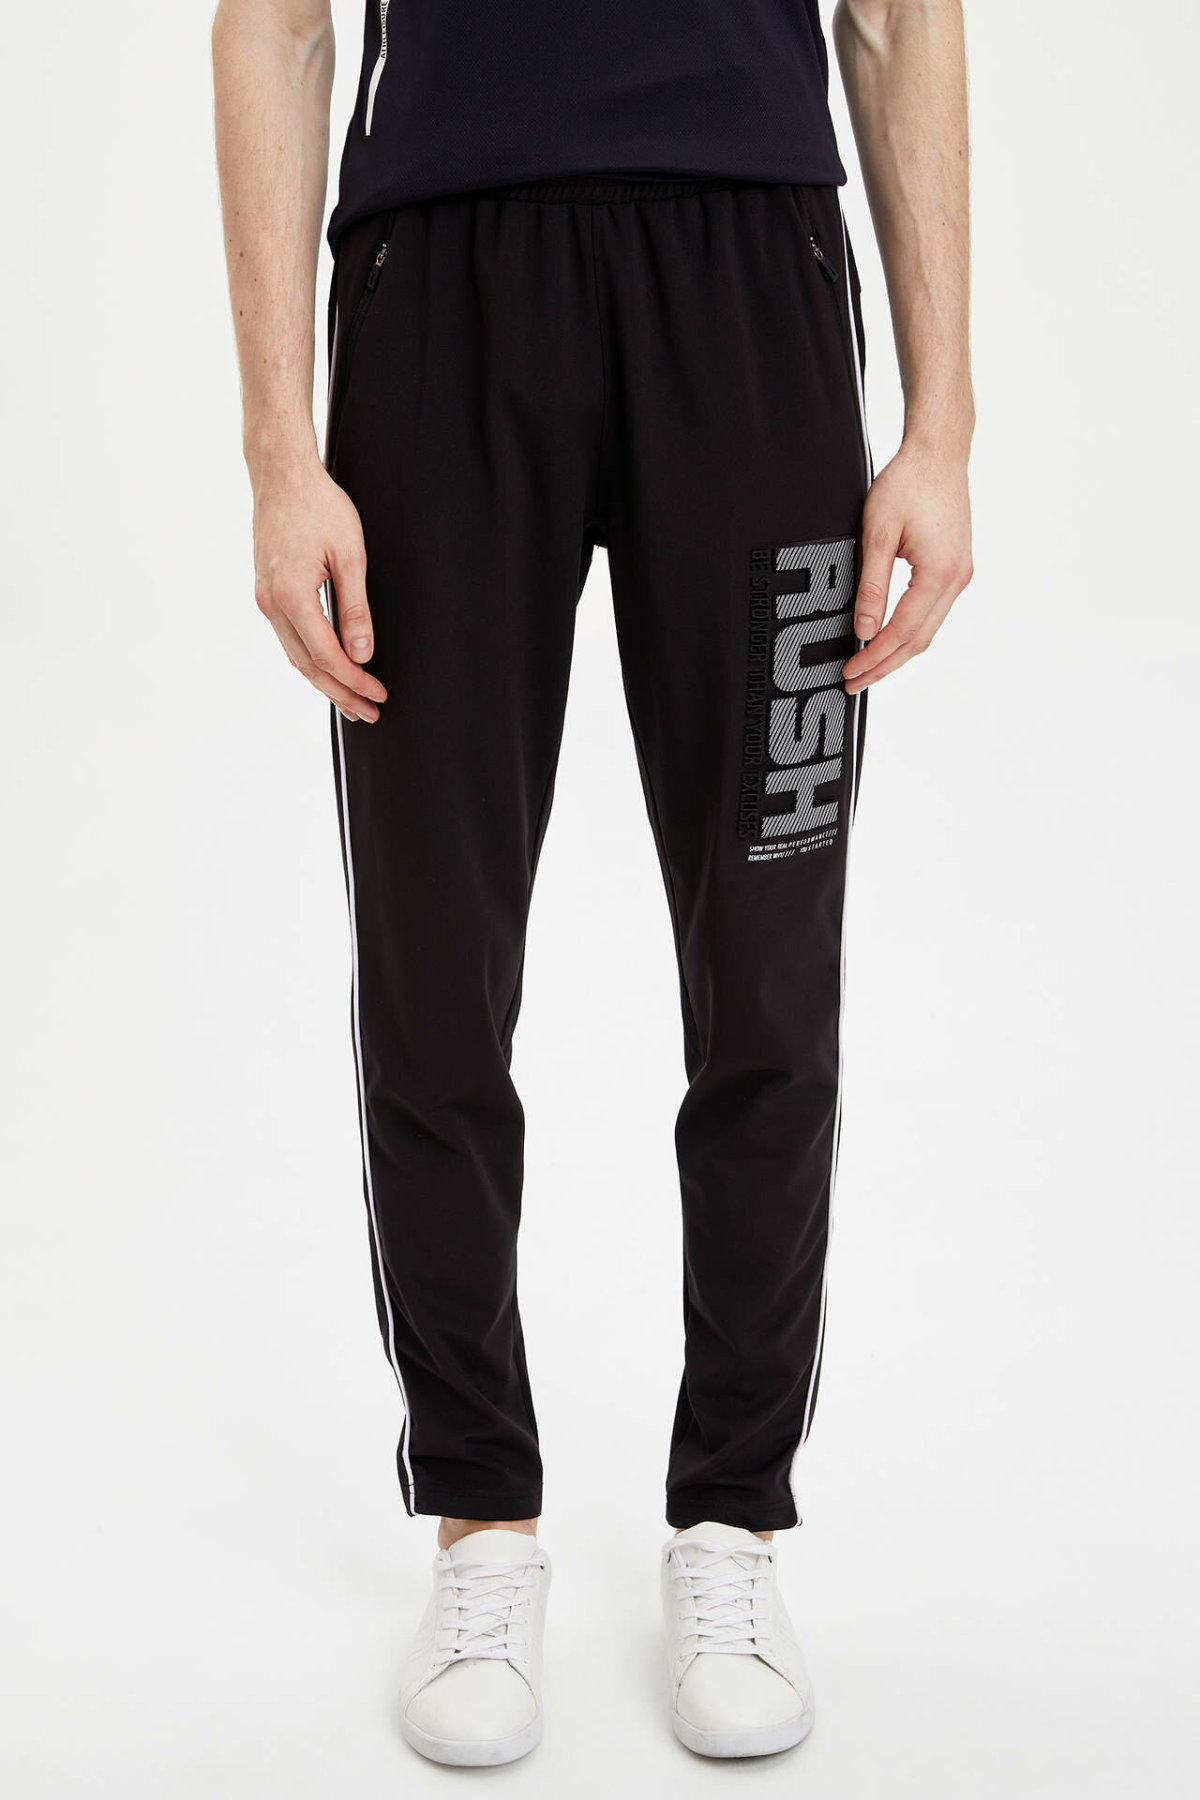 DeFacto Man Sports Wear Pant Men's Casual Black Long Pants Men's Letter Prints Bottoms Men's Trousers-N9779AZ20SP